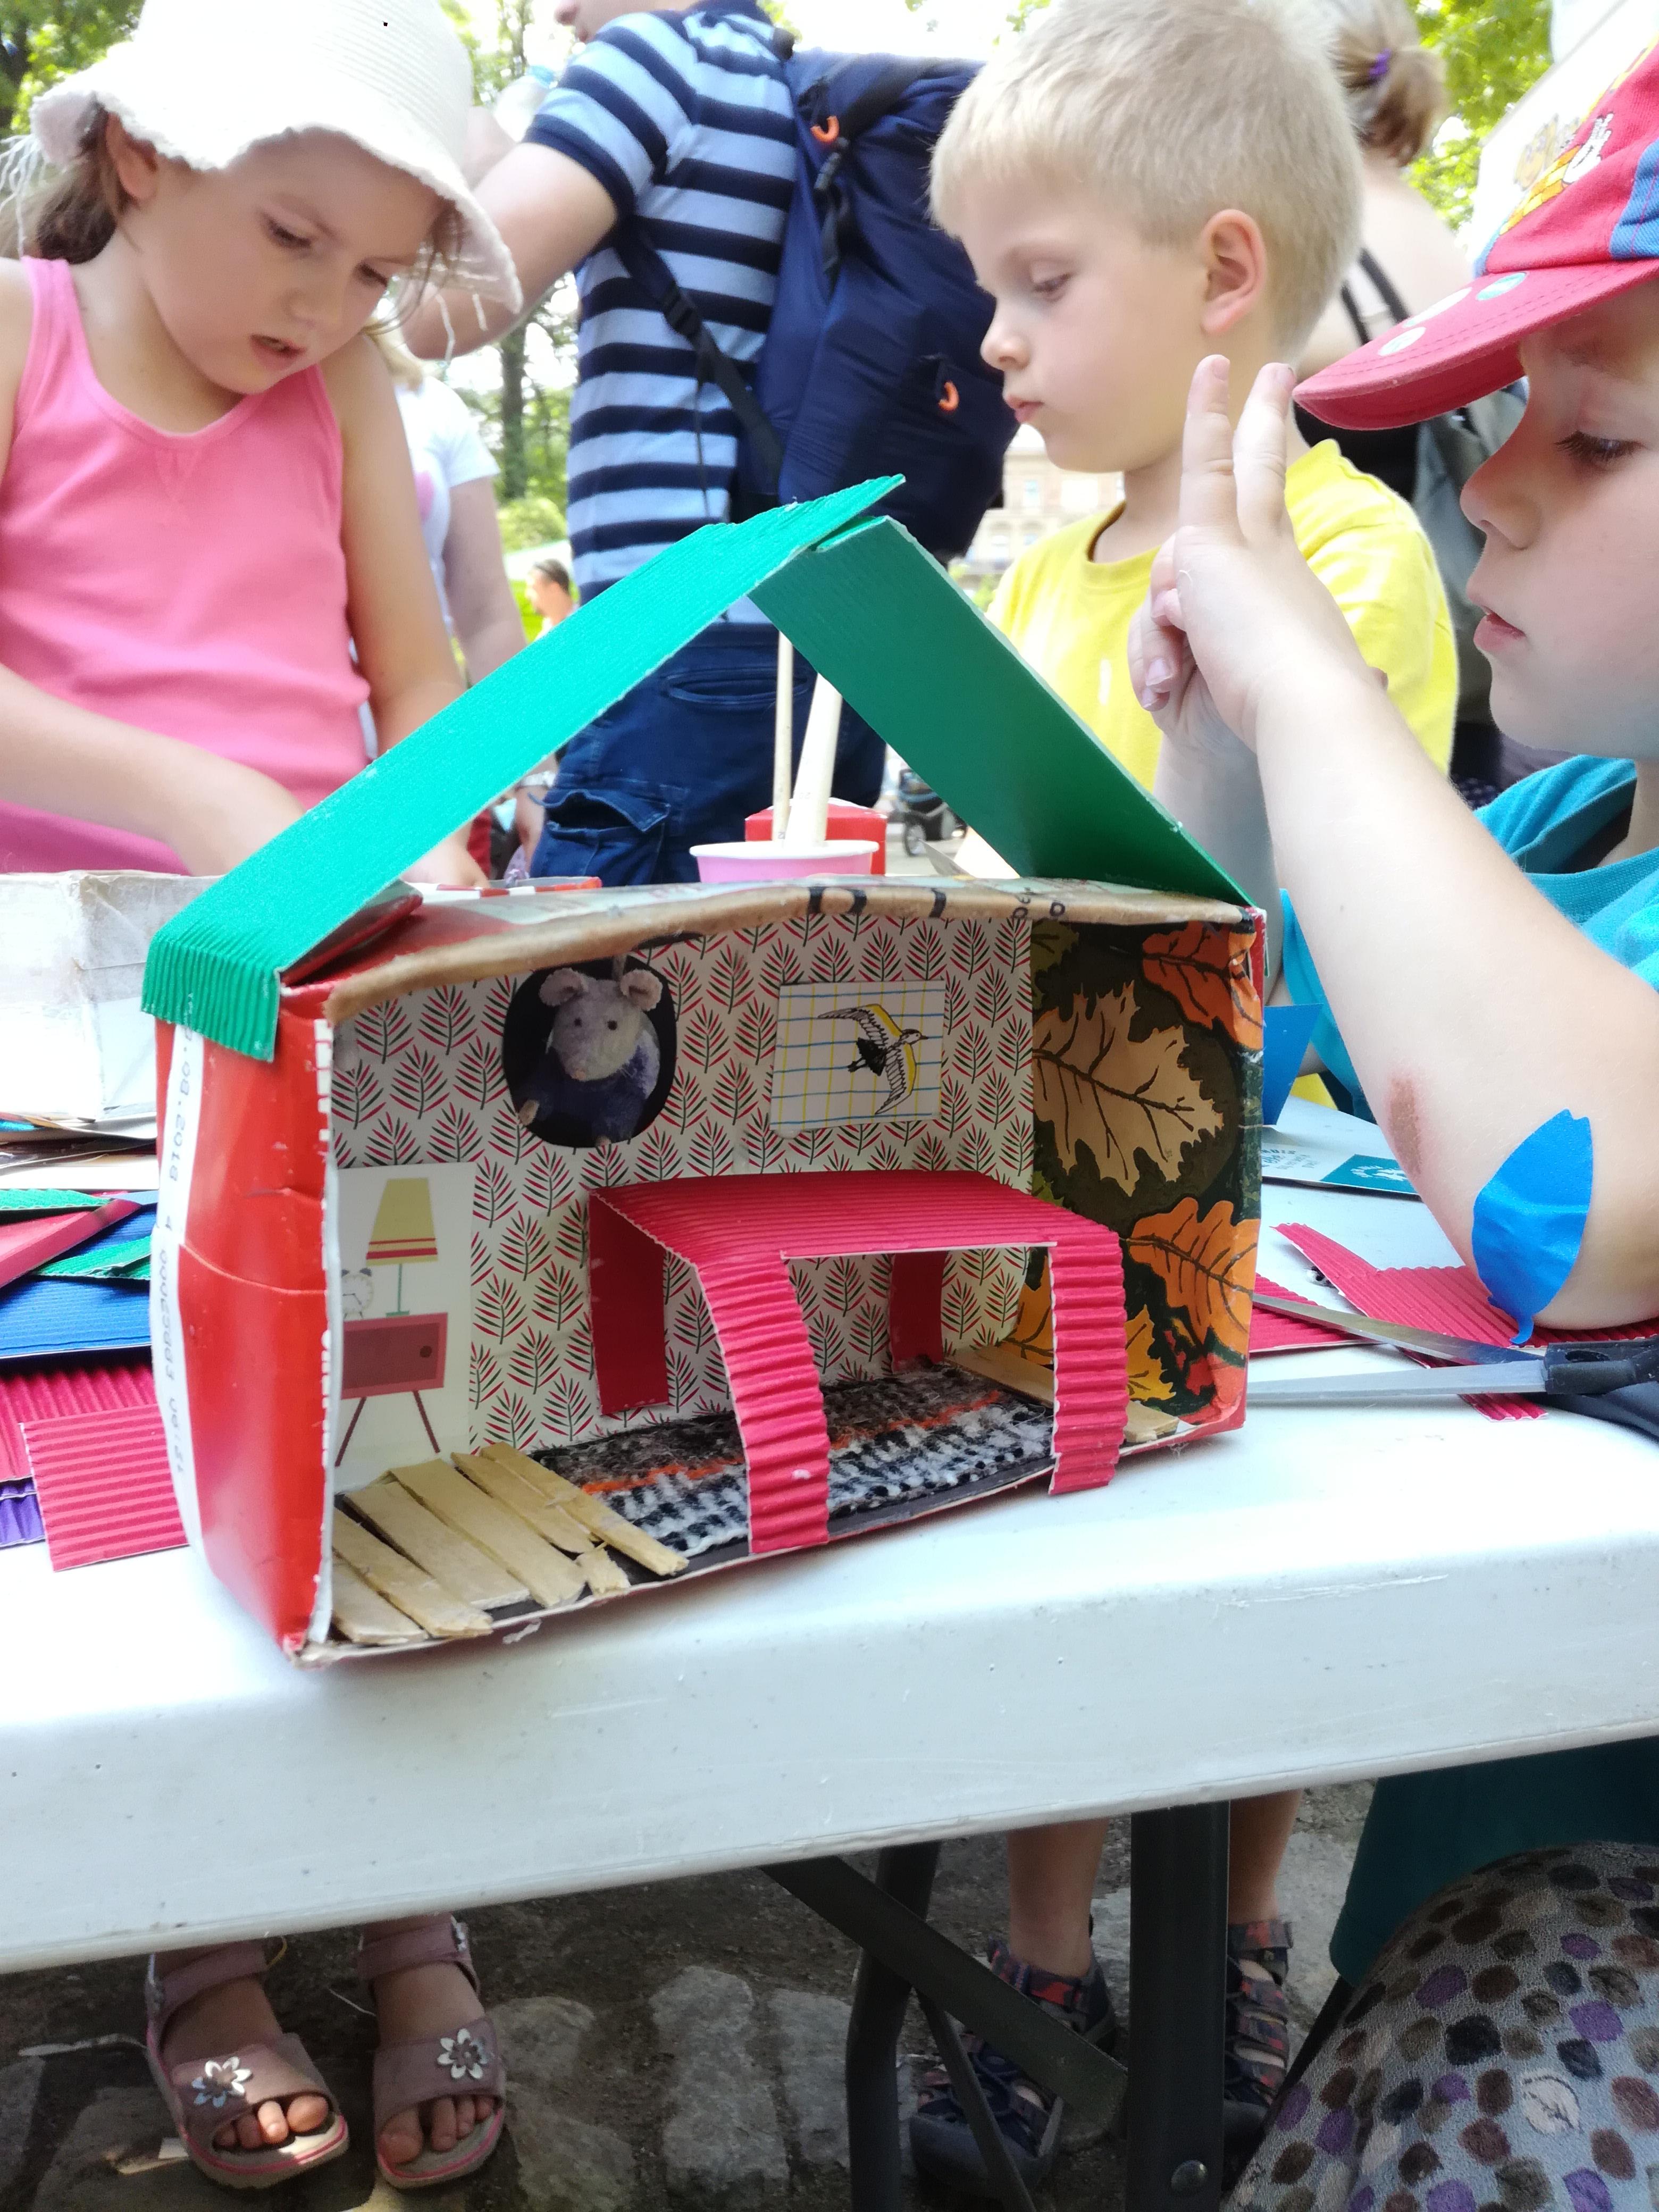 Fotoreportáž z Festivalu kreativního a logického hraní: Postav si svůj vlastní Dům myšek